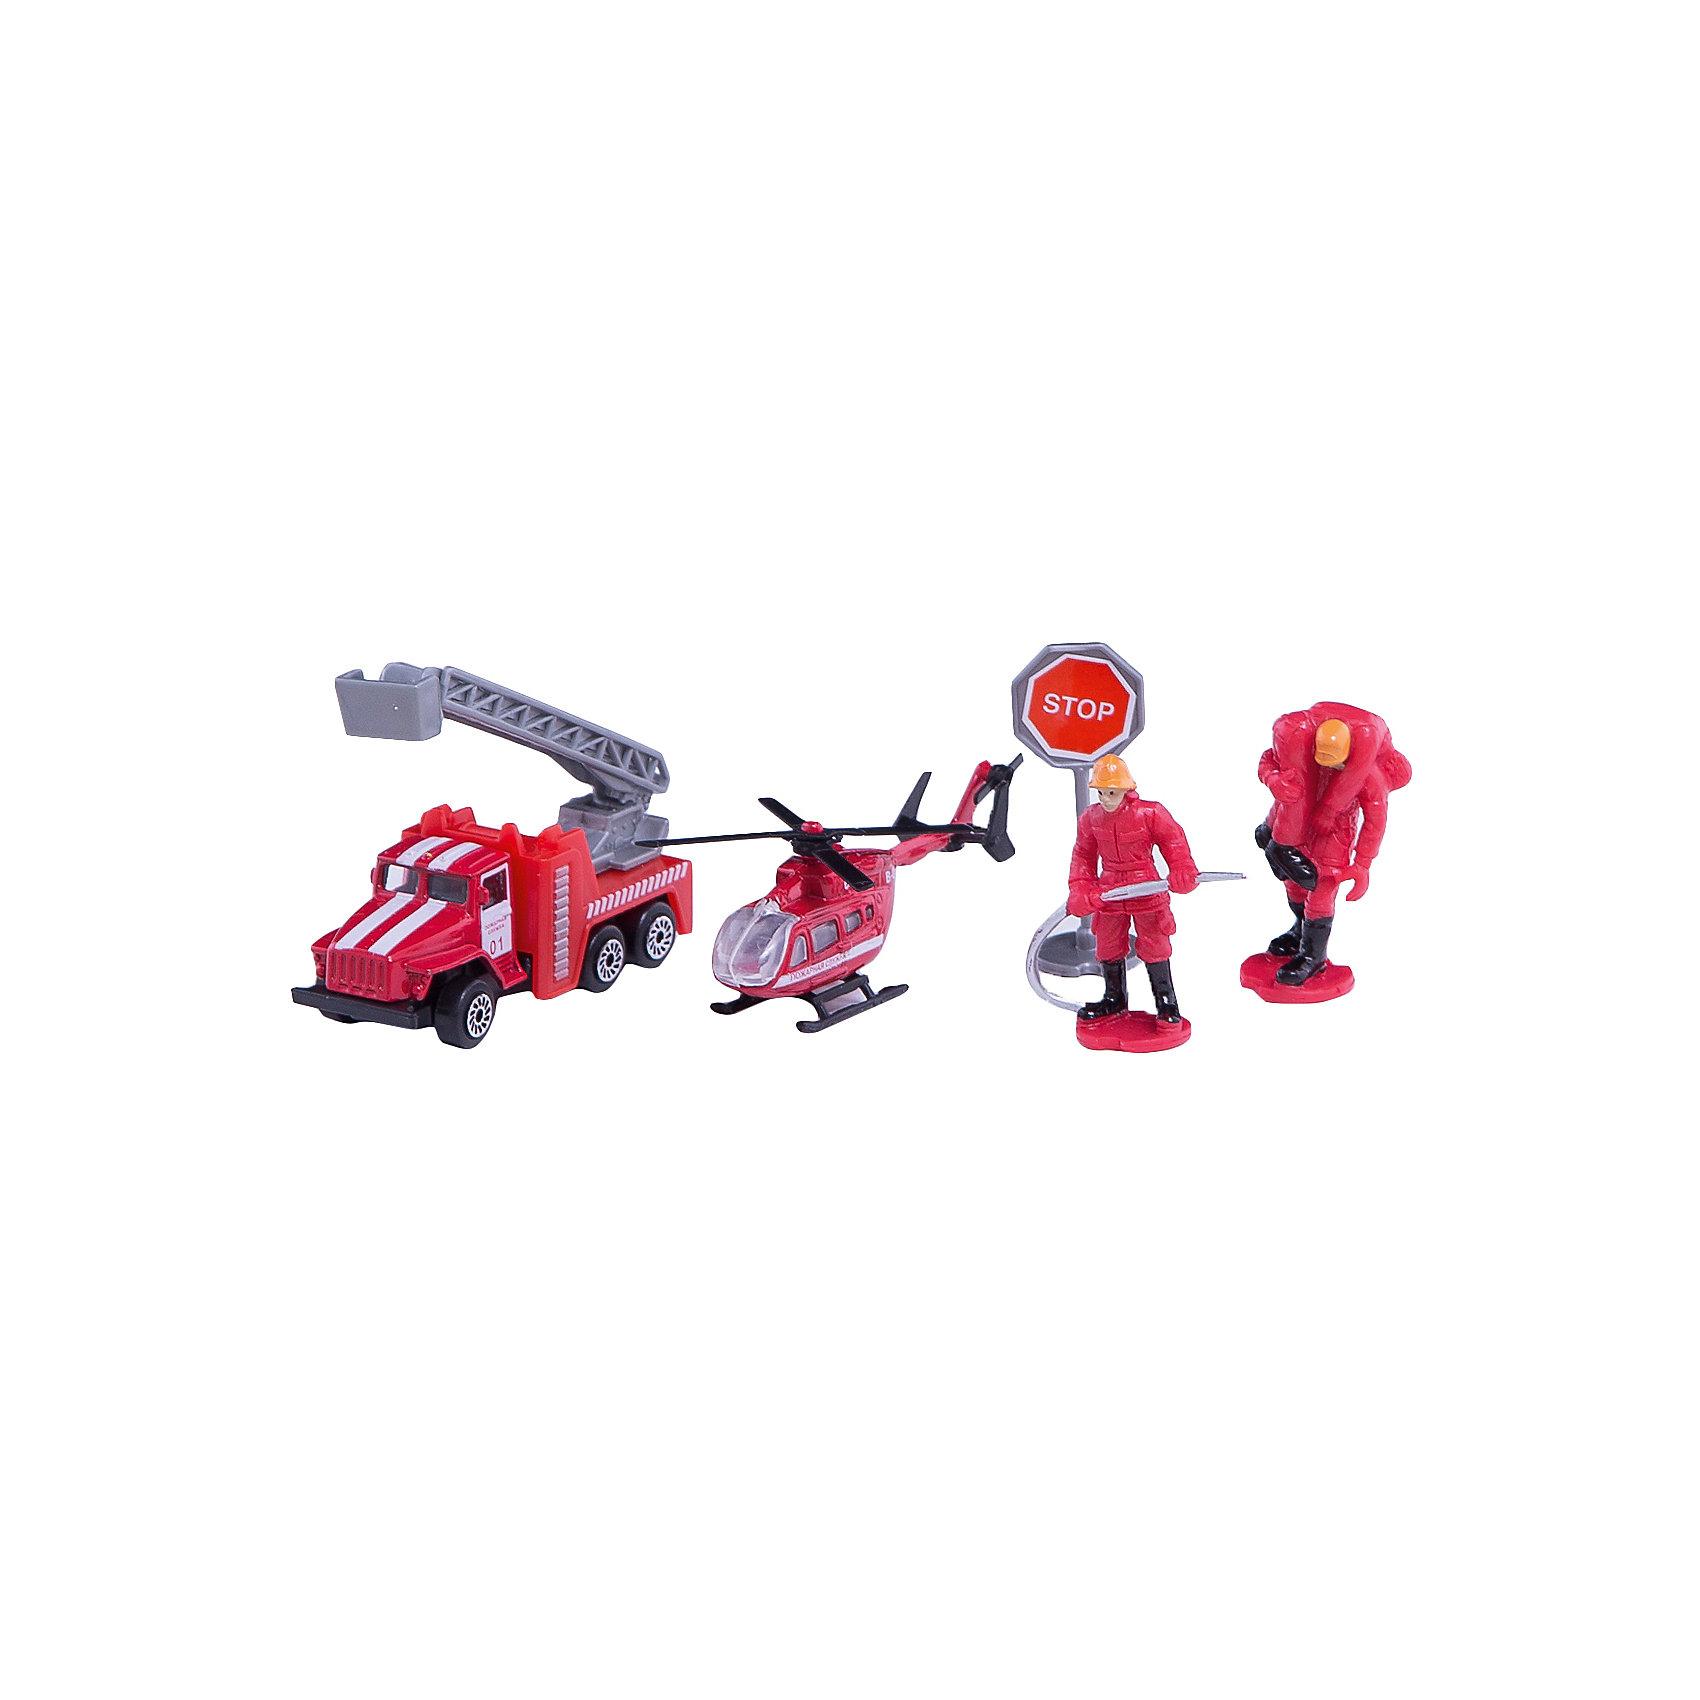 Набор Пожарная техника: Урал + вертолет с аксессуарами, ТехнопаркНабор представлен пожарной техникой с фигурками пожарных и аксессуарами.  Набор состоит из черырех предметов: 1. коллекционная модель пожарной машины Урал исполнена в красном цвете, на дверях имеются специальные надписи, лестница выдвигается для имитации тушения пожара высотных сооружений.<br>2. корпус вертолёта имеет красный цвет, на борту имеются специальные надписи. <br>3. 2 фигурки пожарных исполнены в костюмах пожарников<br>4. дорожный знак «Stop» имеет устойчивую ножку.  Модели изготовлены из качественного металла и не подвержены деформациям.<br><br>Ширина мм: 50<br>Глубина мм: 120<br>Высота мм: 230<br>Вес г: 130<br>Возраст от месяцев: 36<br>Возраст до месяцев: 120<br>Пол: Мужской<br>Возраст: Детский<br>SKU: 5099078